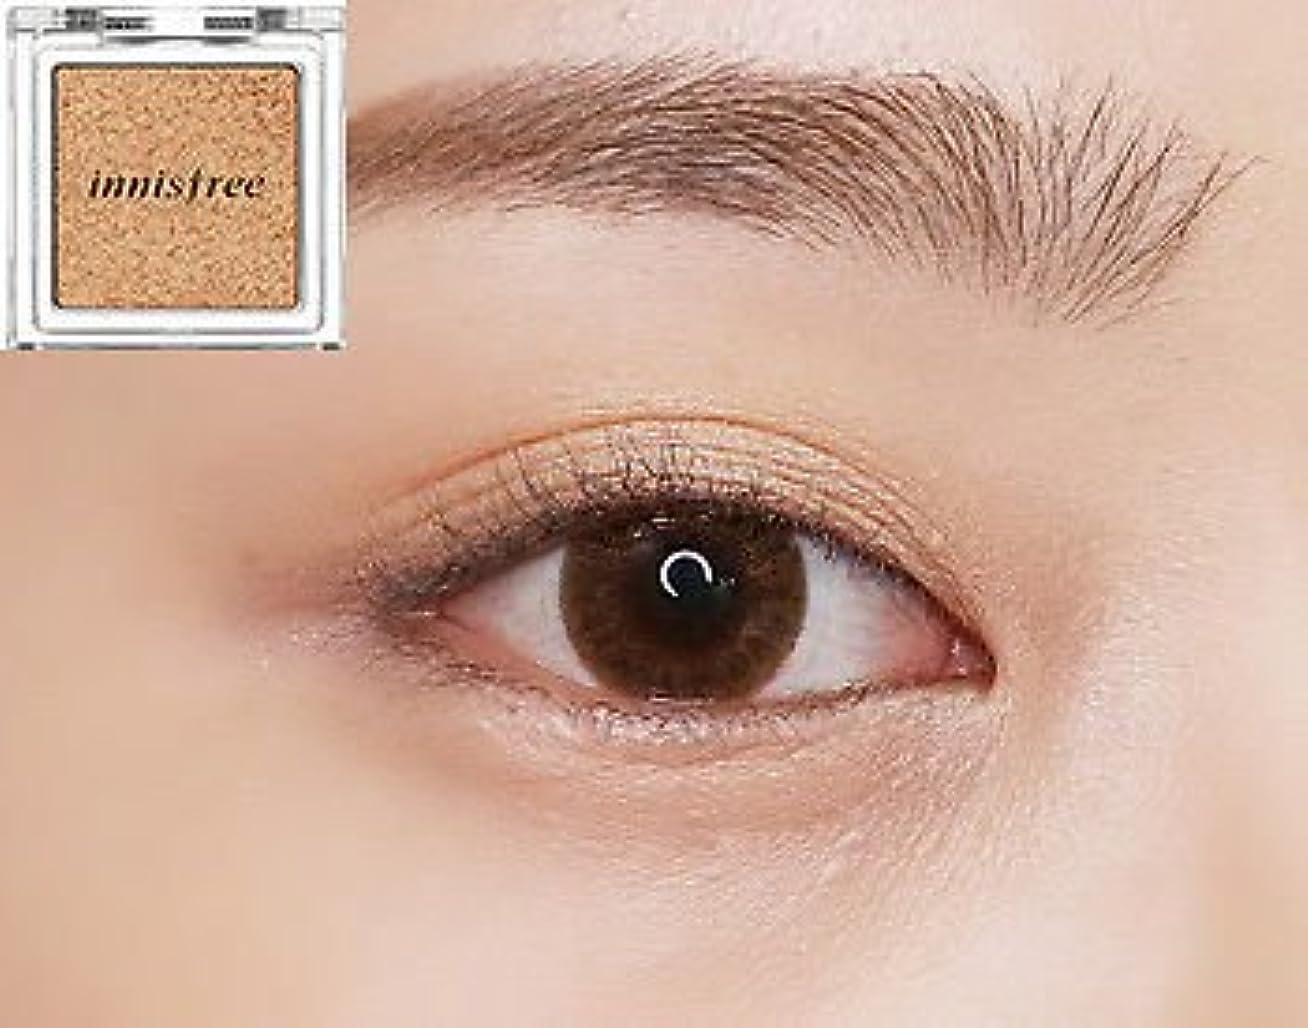 合体ガラスブル[イニスフリー] innisfree [マイ パレット マイ アイシャドウ (グリッタ一) 25カラー] MY PALETTE My Eyeshadow (Glitter) 25 Shades [海外直送品] (グリッタ...